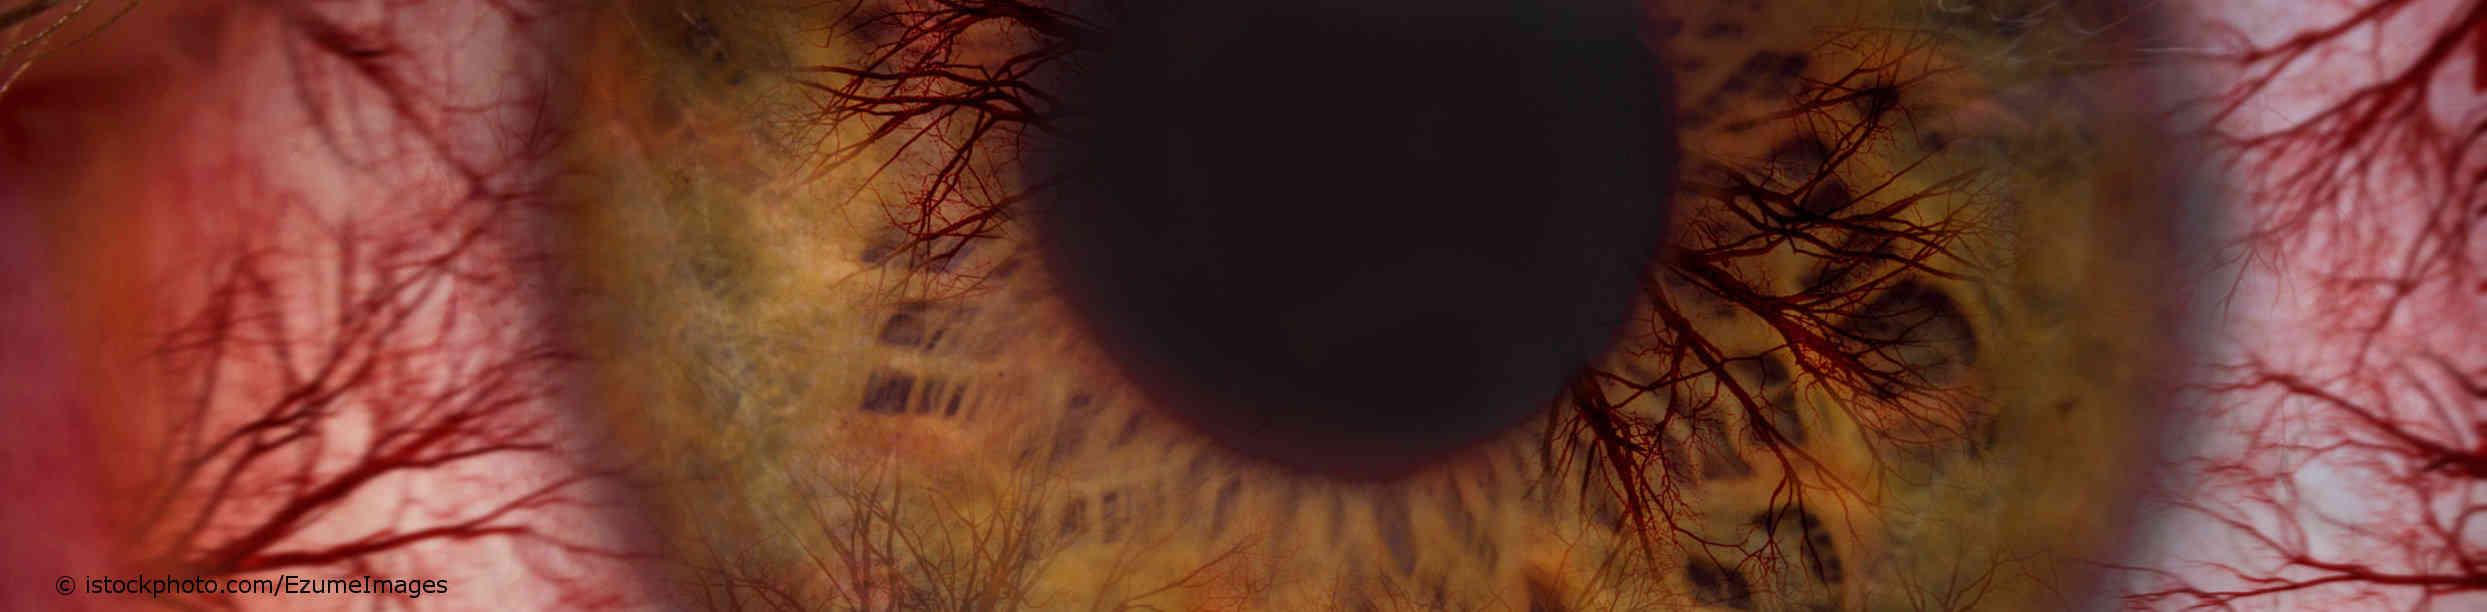 Ein blutroter Augapfel, hervorgerufen durch die Augengrippe.